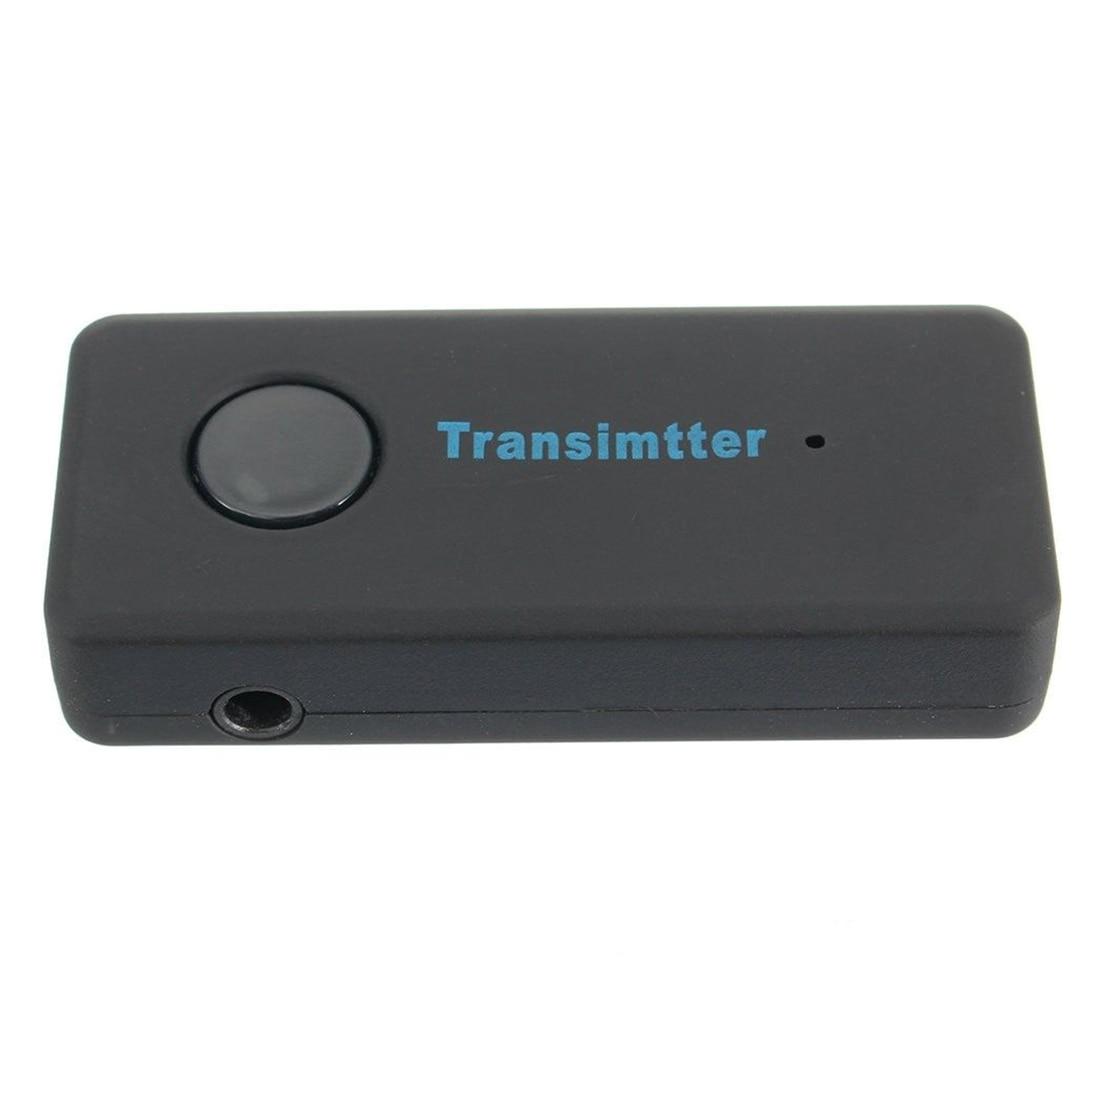 Qualifiziert Kn312 Bluetooth 3,0 Stereo Musik 3,5mm Audio Wireless Transmitter Adapter FöRderung Der Produktion Von KöRperflüSsigkeit Und Speichel Tragbares Audio & Video Funkadapter